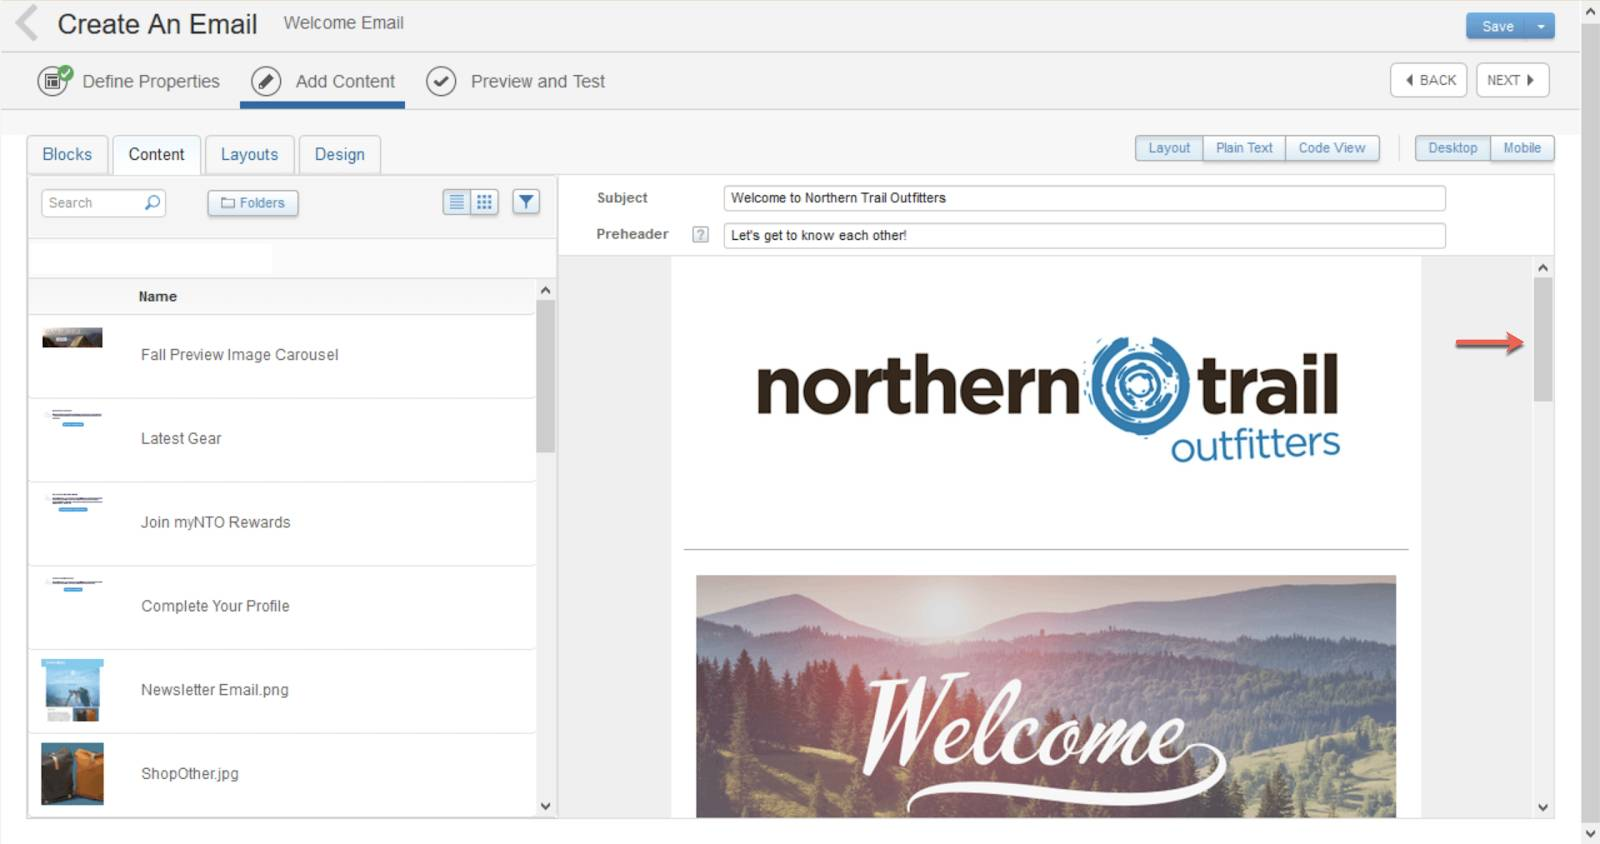 Captura de tela que mostra uma seta vermelha apontando para a barra de rolagem mais próxima do logotipo da Northern Trail Outfitters. Isso ajuda, pois há duas barras de rolagem visíveis na tela.